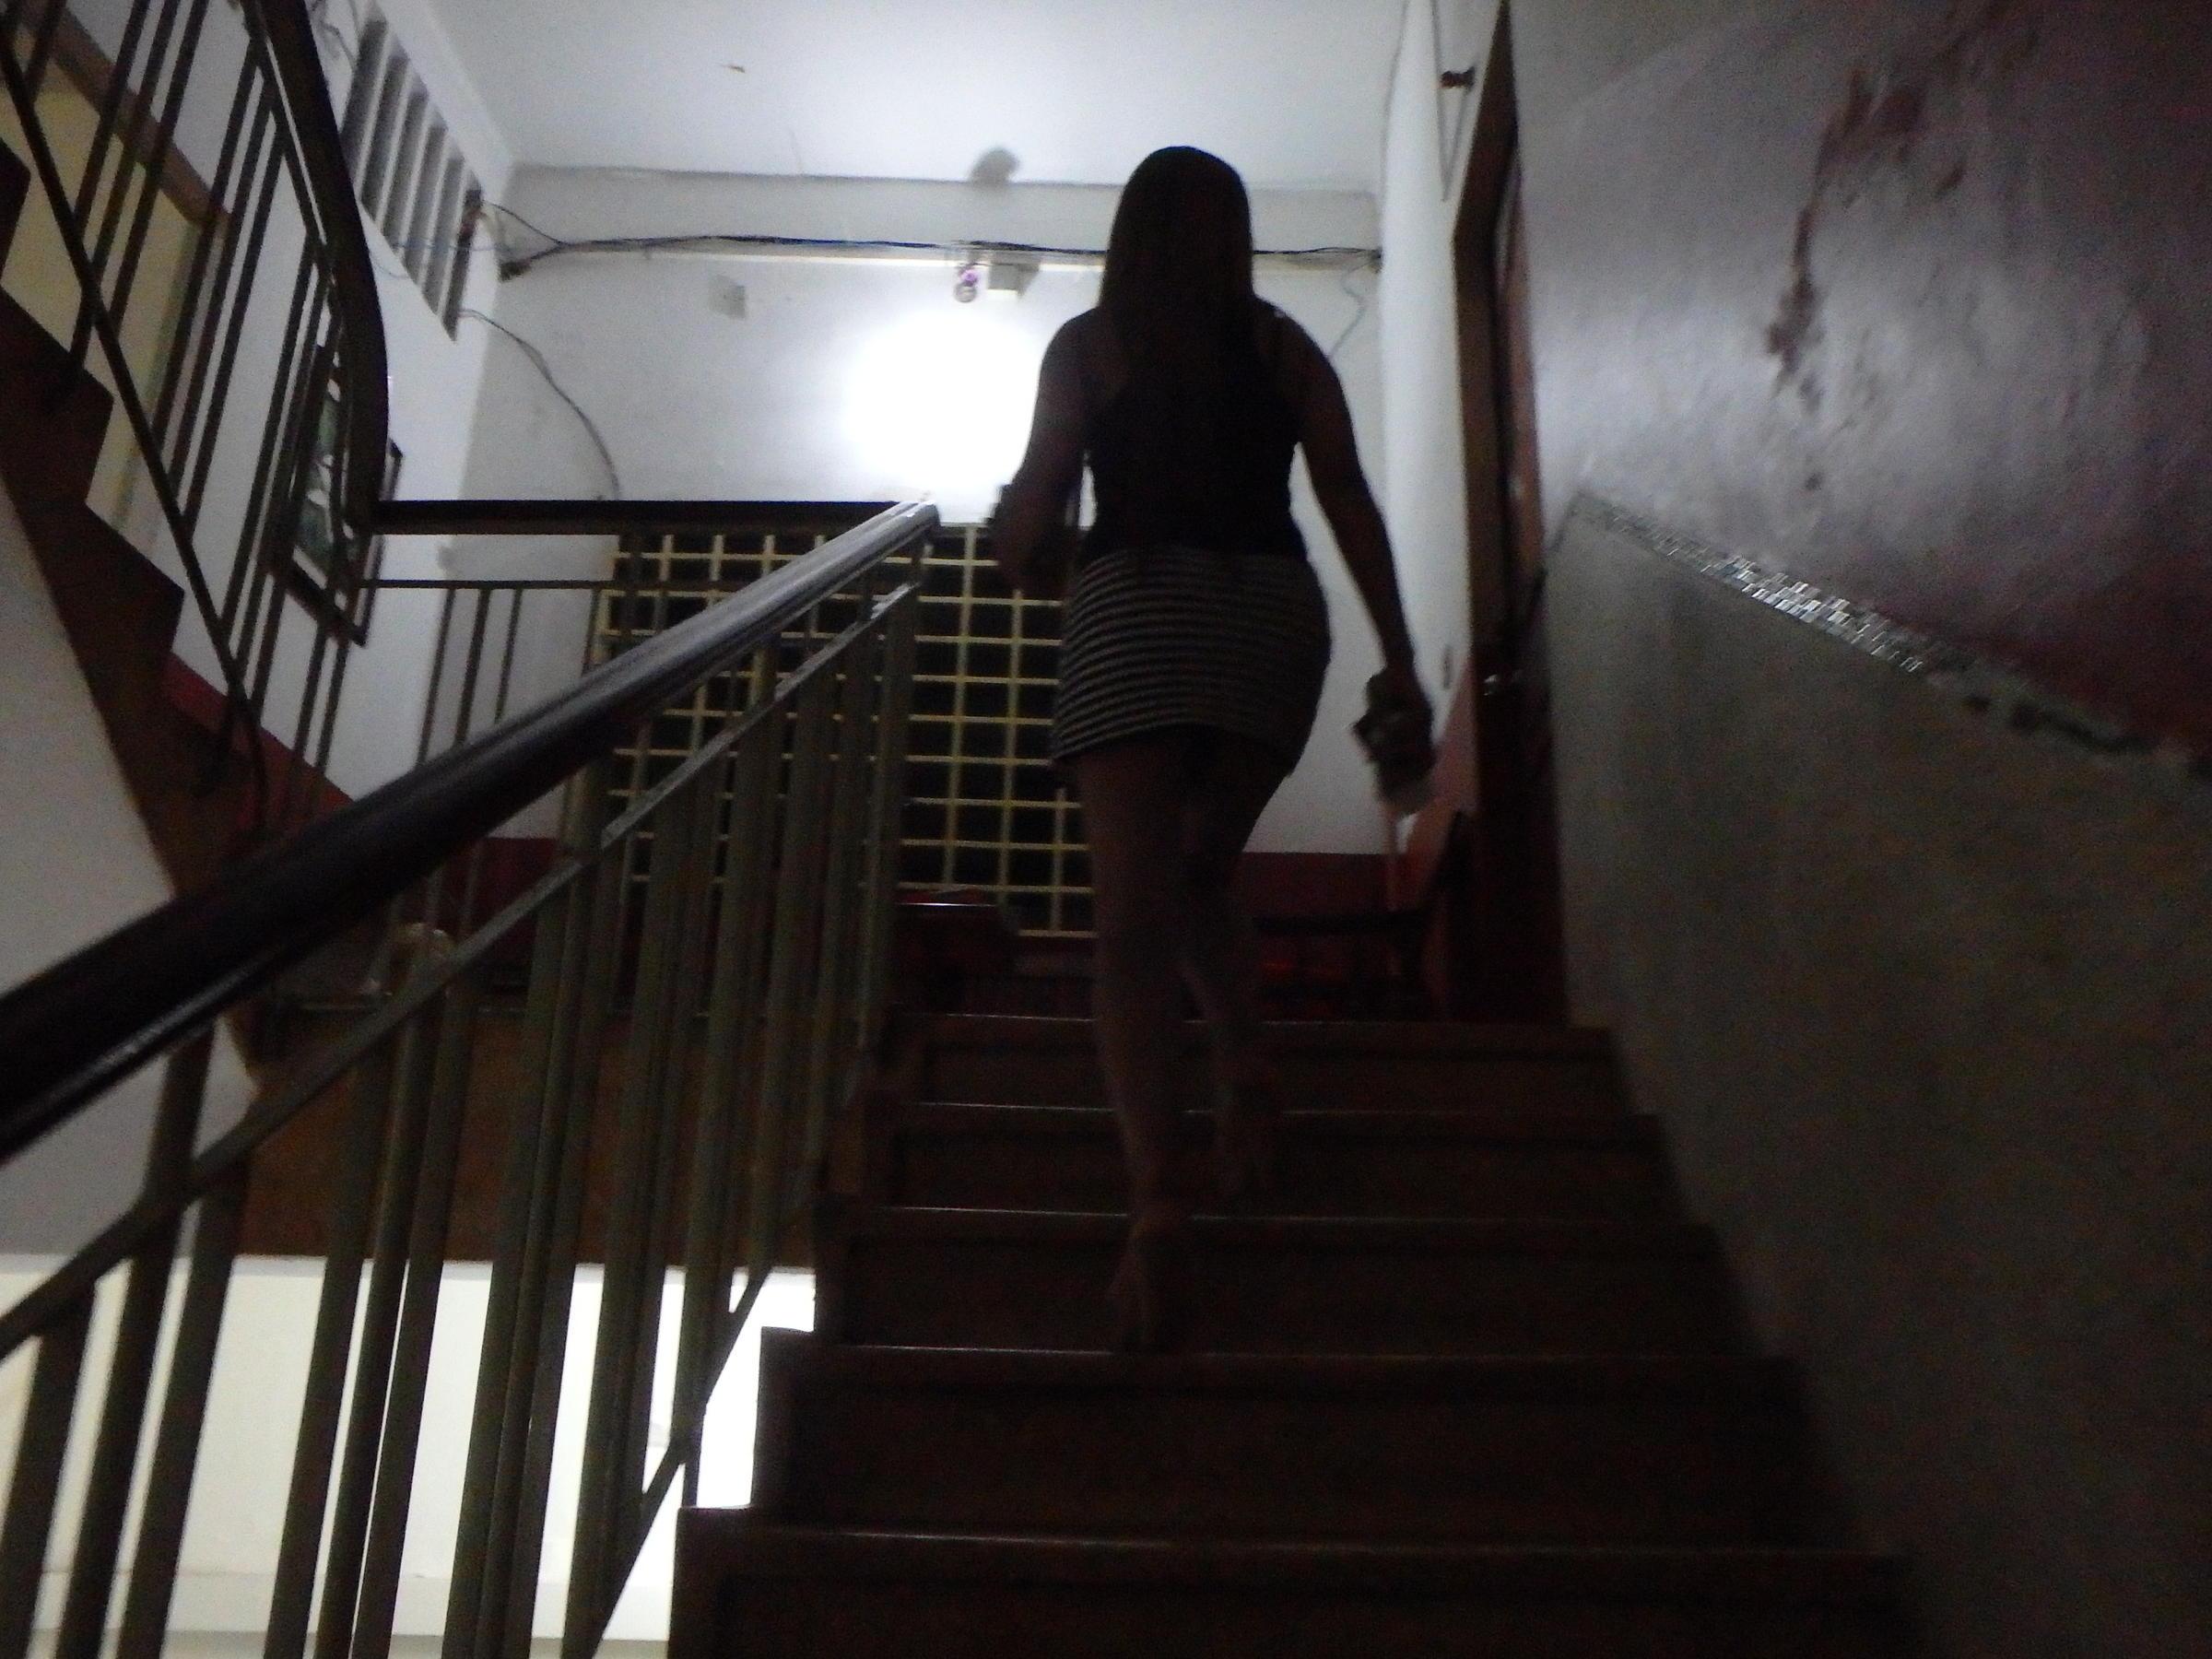 prix prostituee moldave